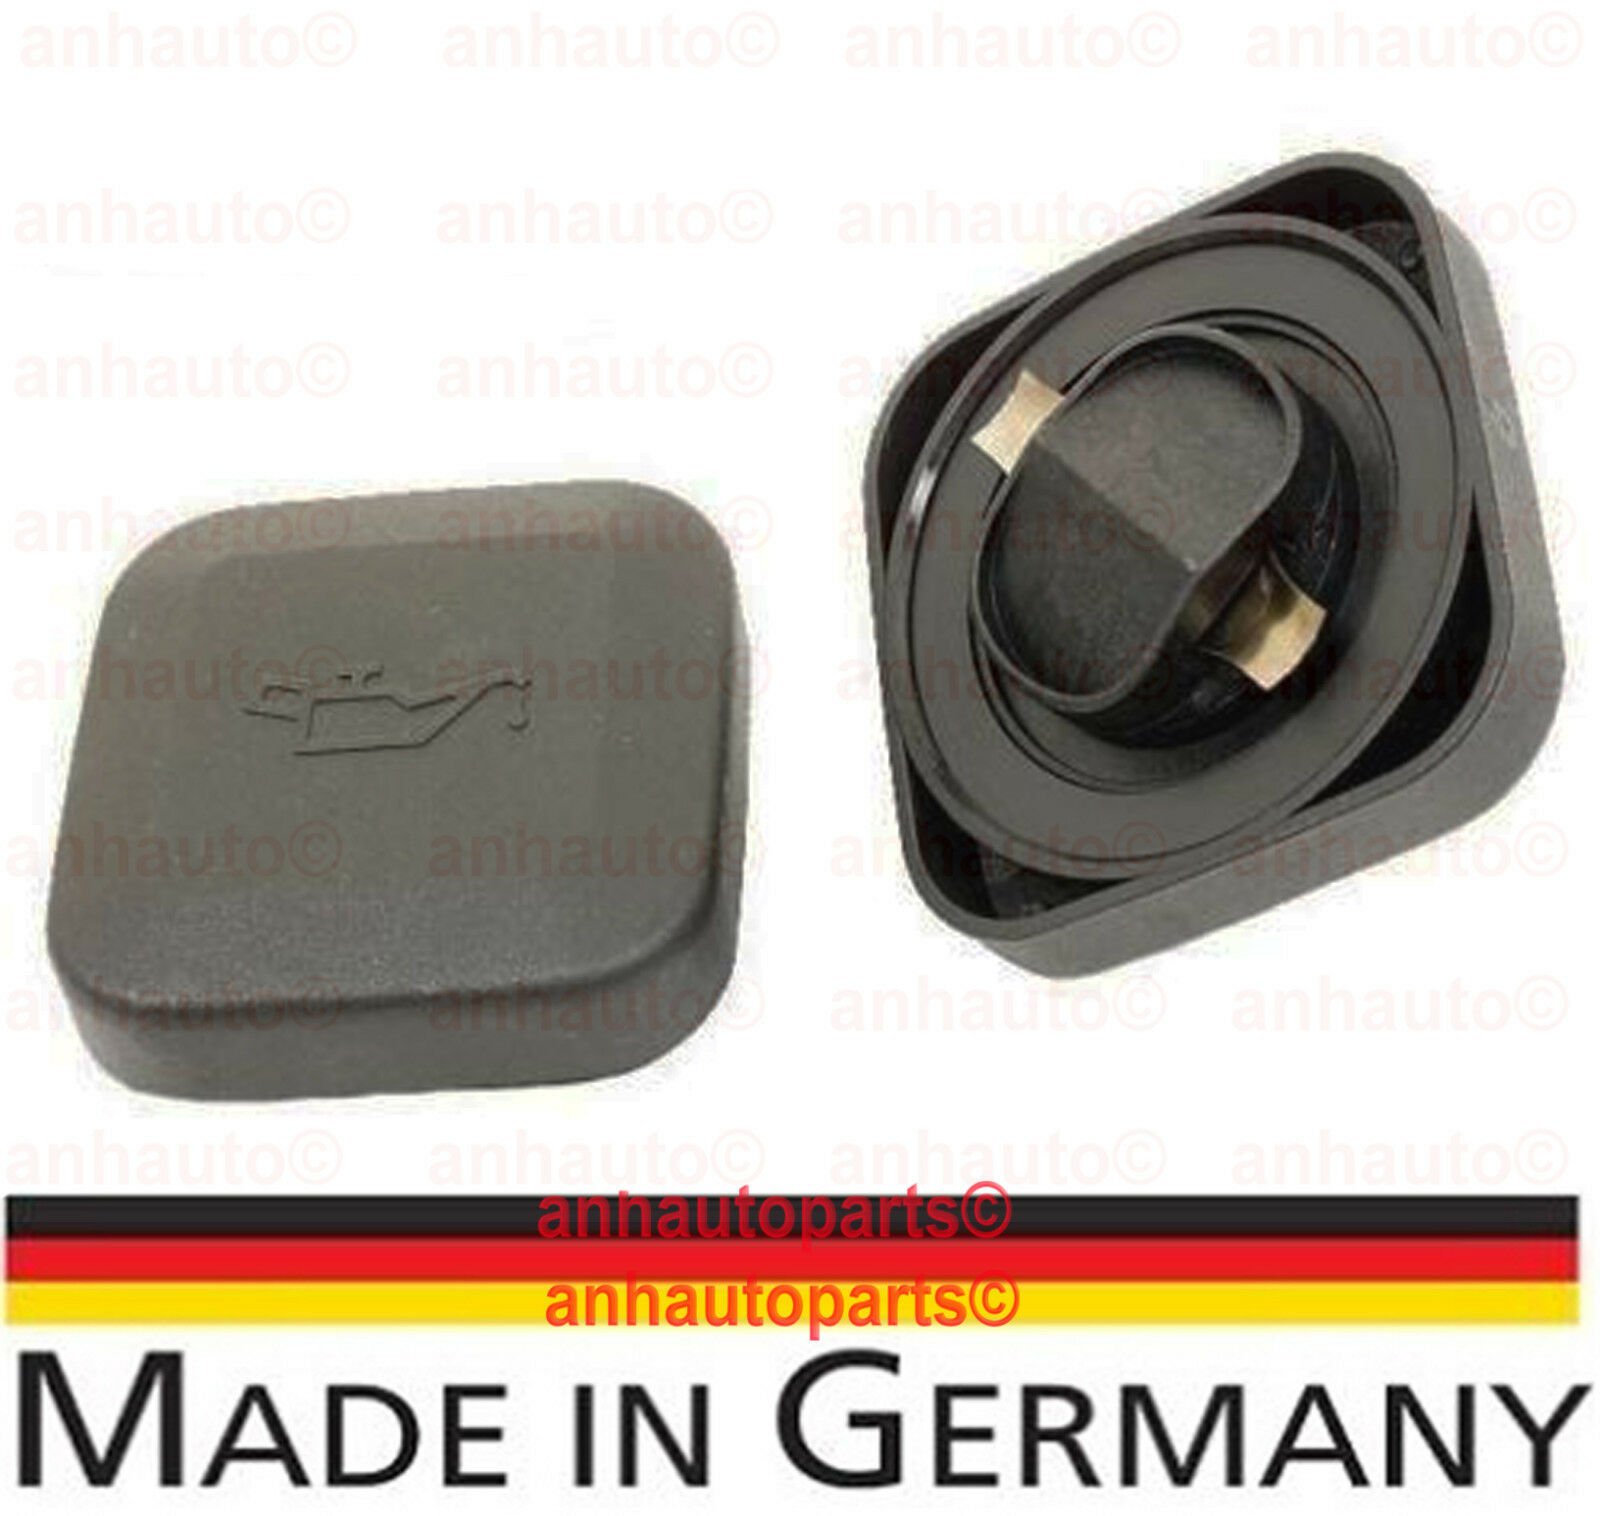 Engine Cylinder Block wq Stant Oil Filler Cap for 1971-1976 BMW 2002